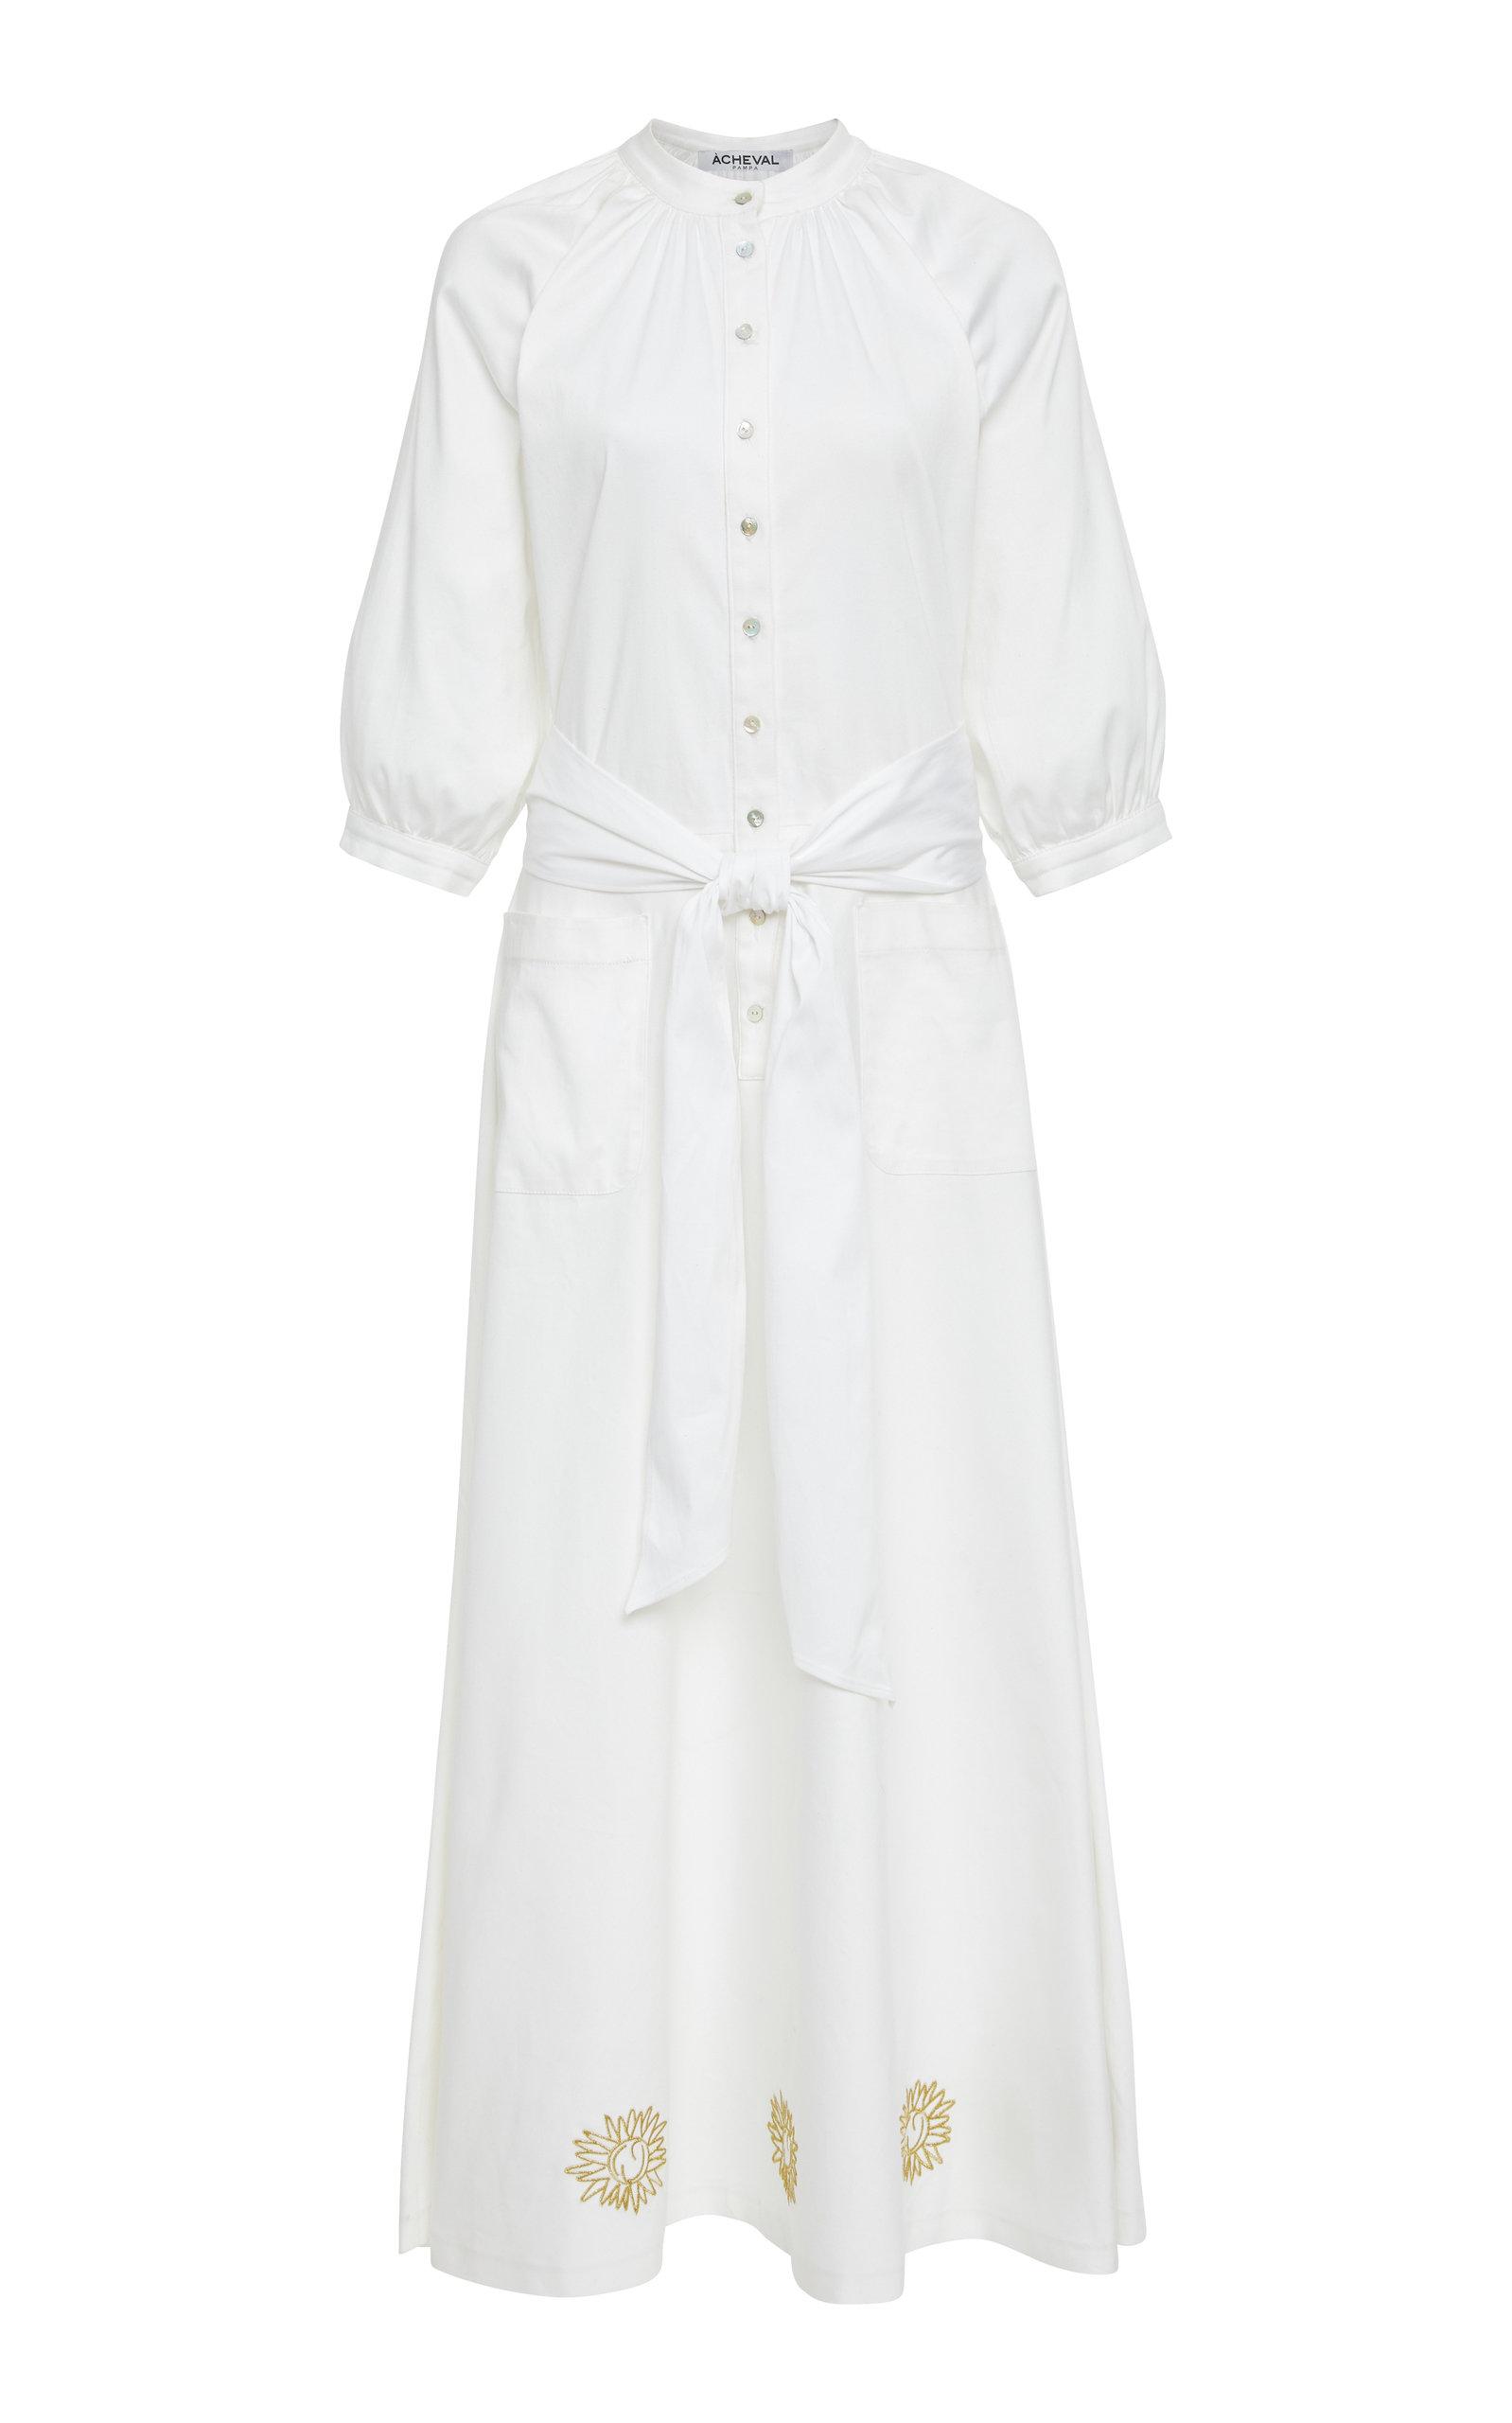 ARGENTINA SHIRT DRESS